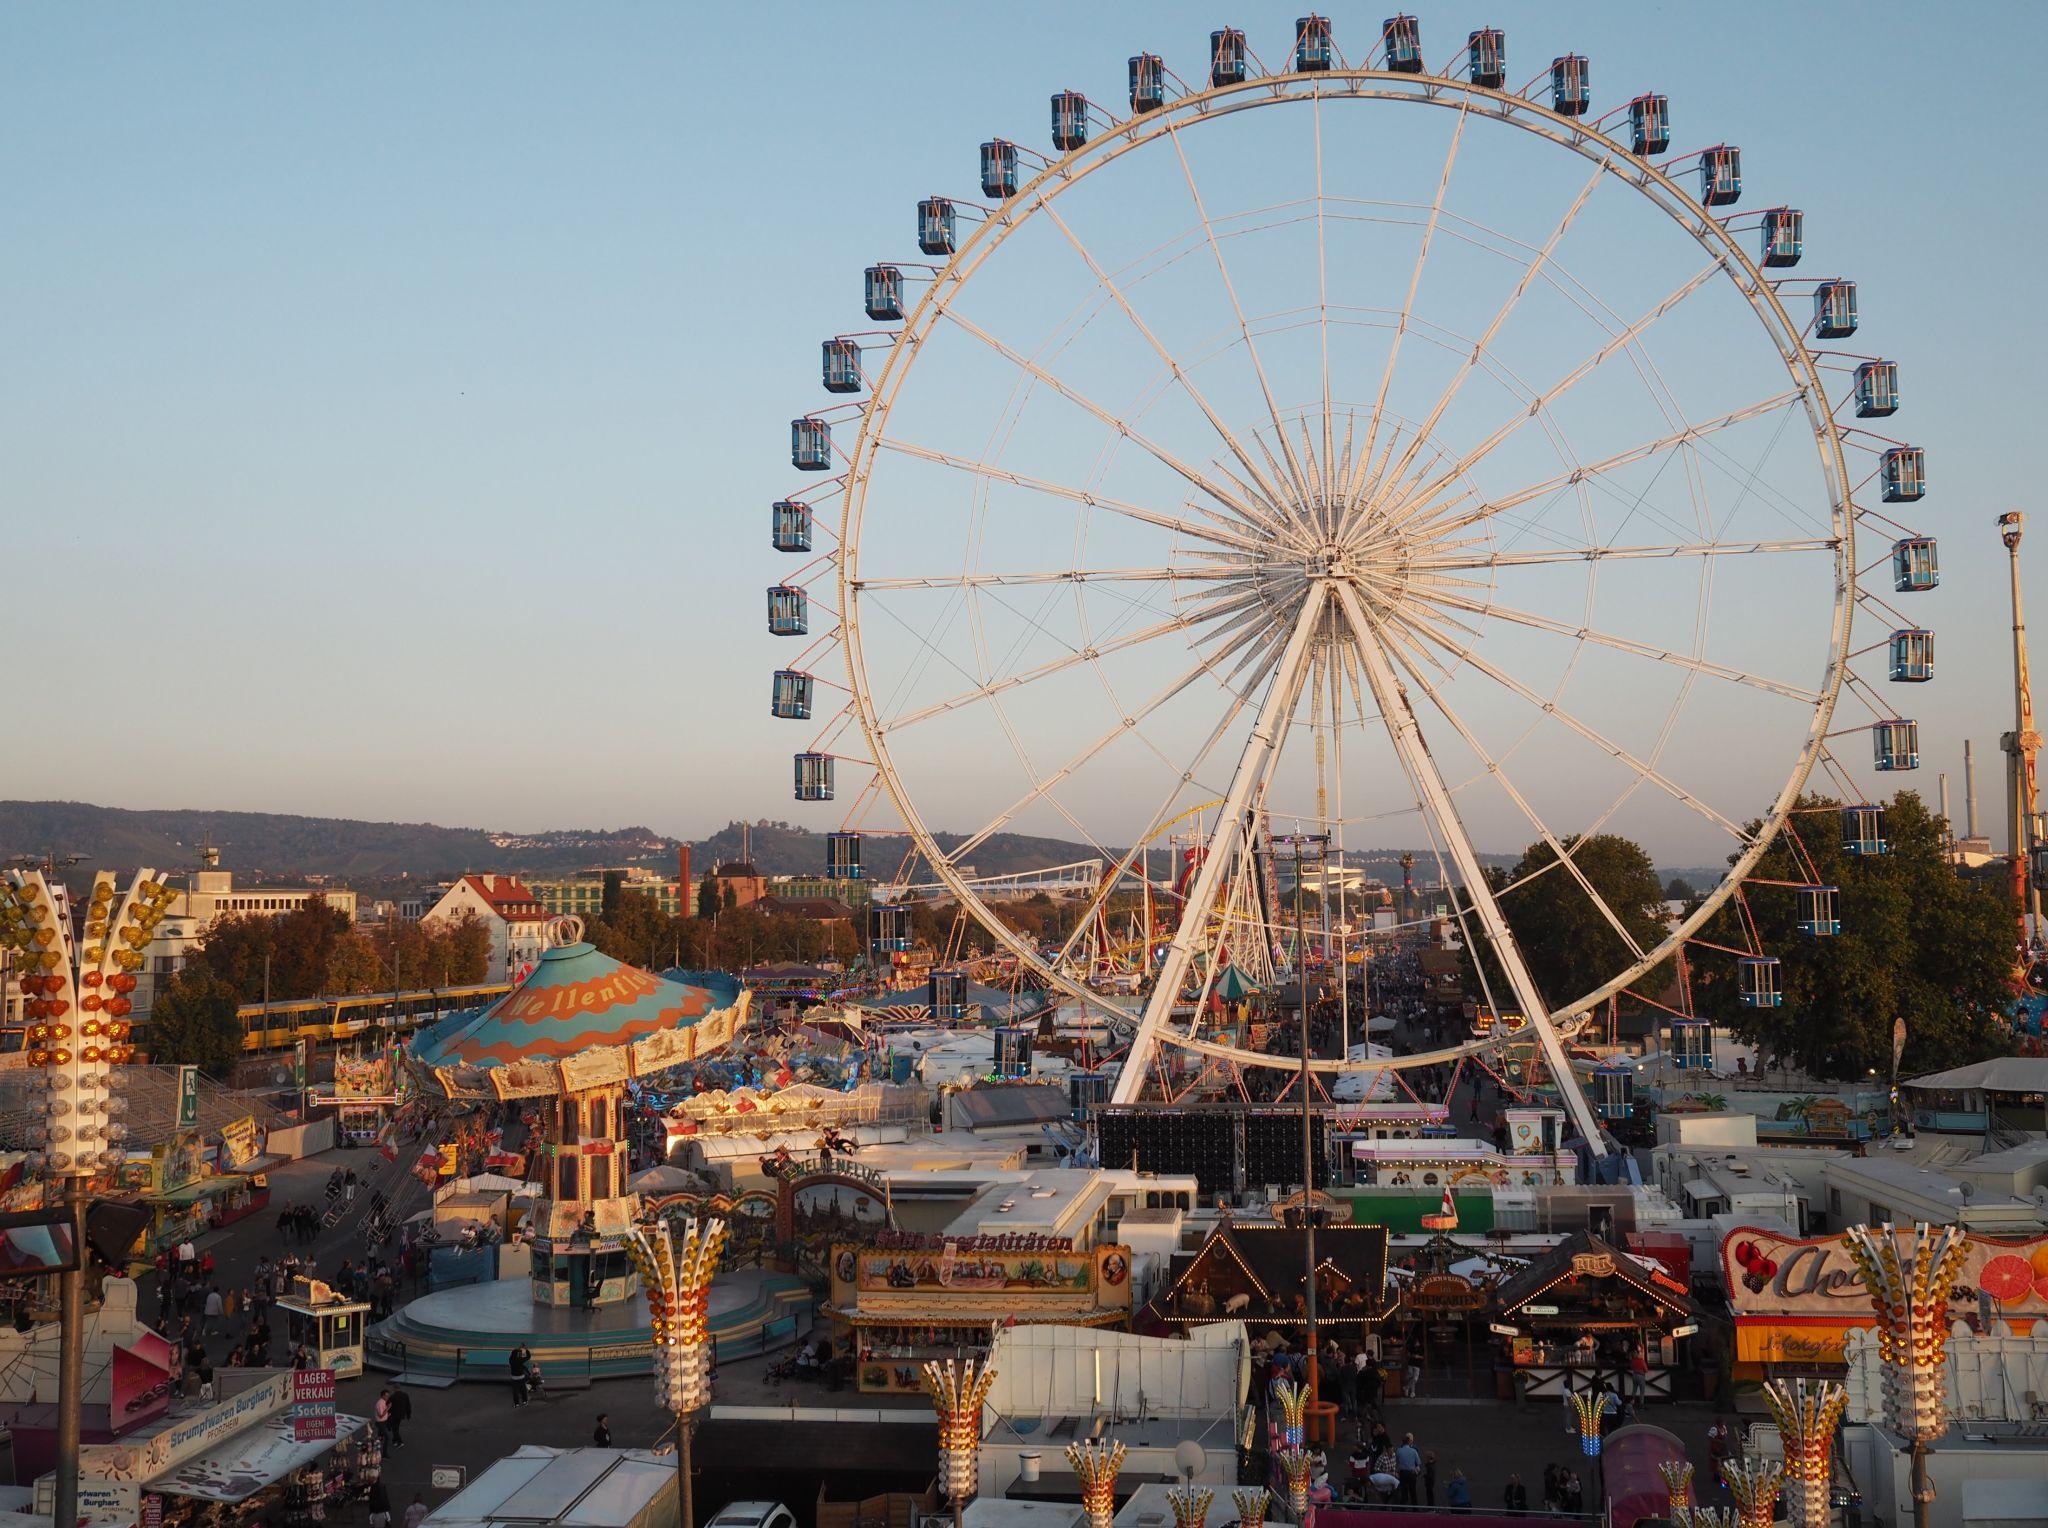 Stuttgart beer festival view of fairground